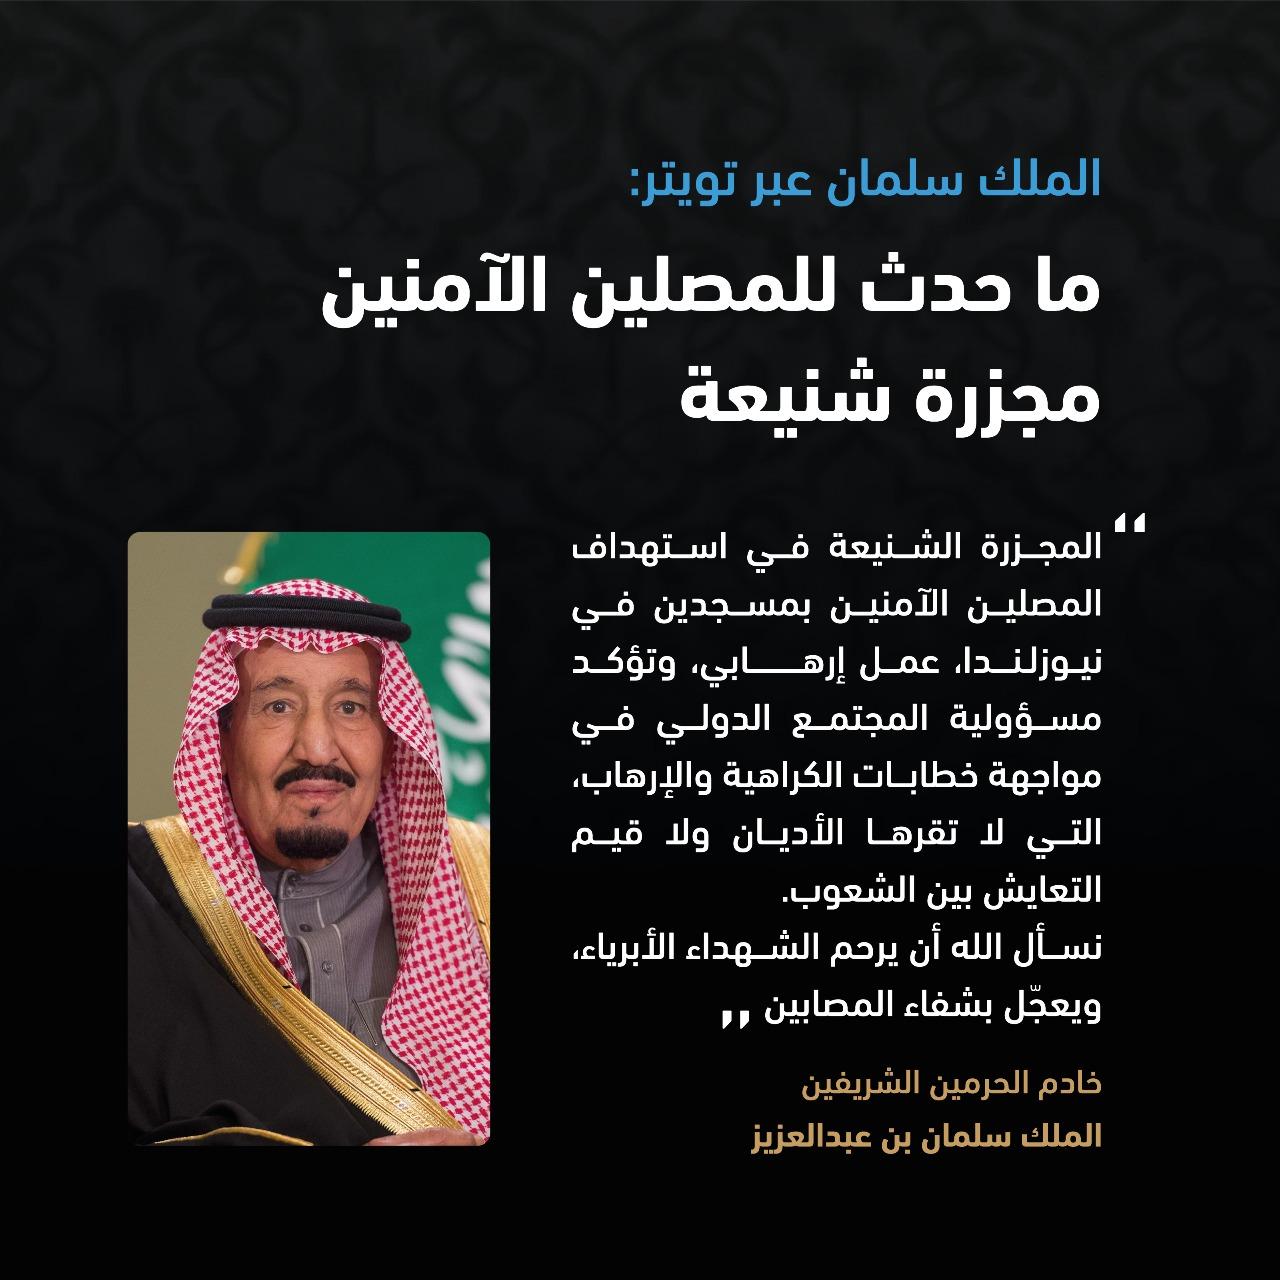 الملك سلمان عبر تويتر : مجزرة نيوزلندا تؤكد مسؤولية المجتمع الدولي في مواجهة خطابات الكراهية